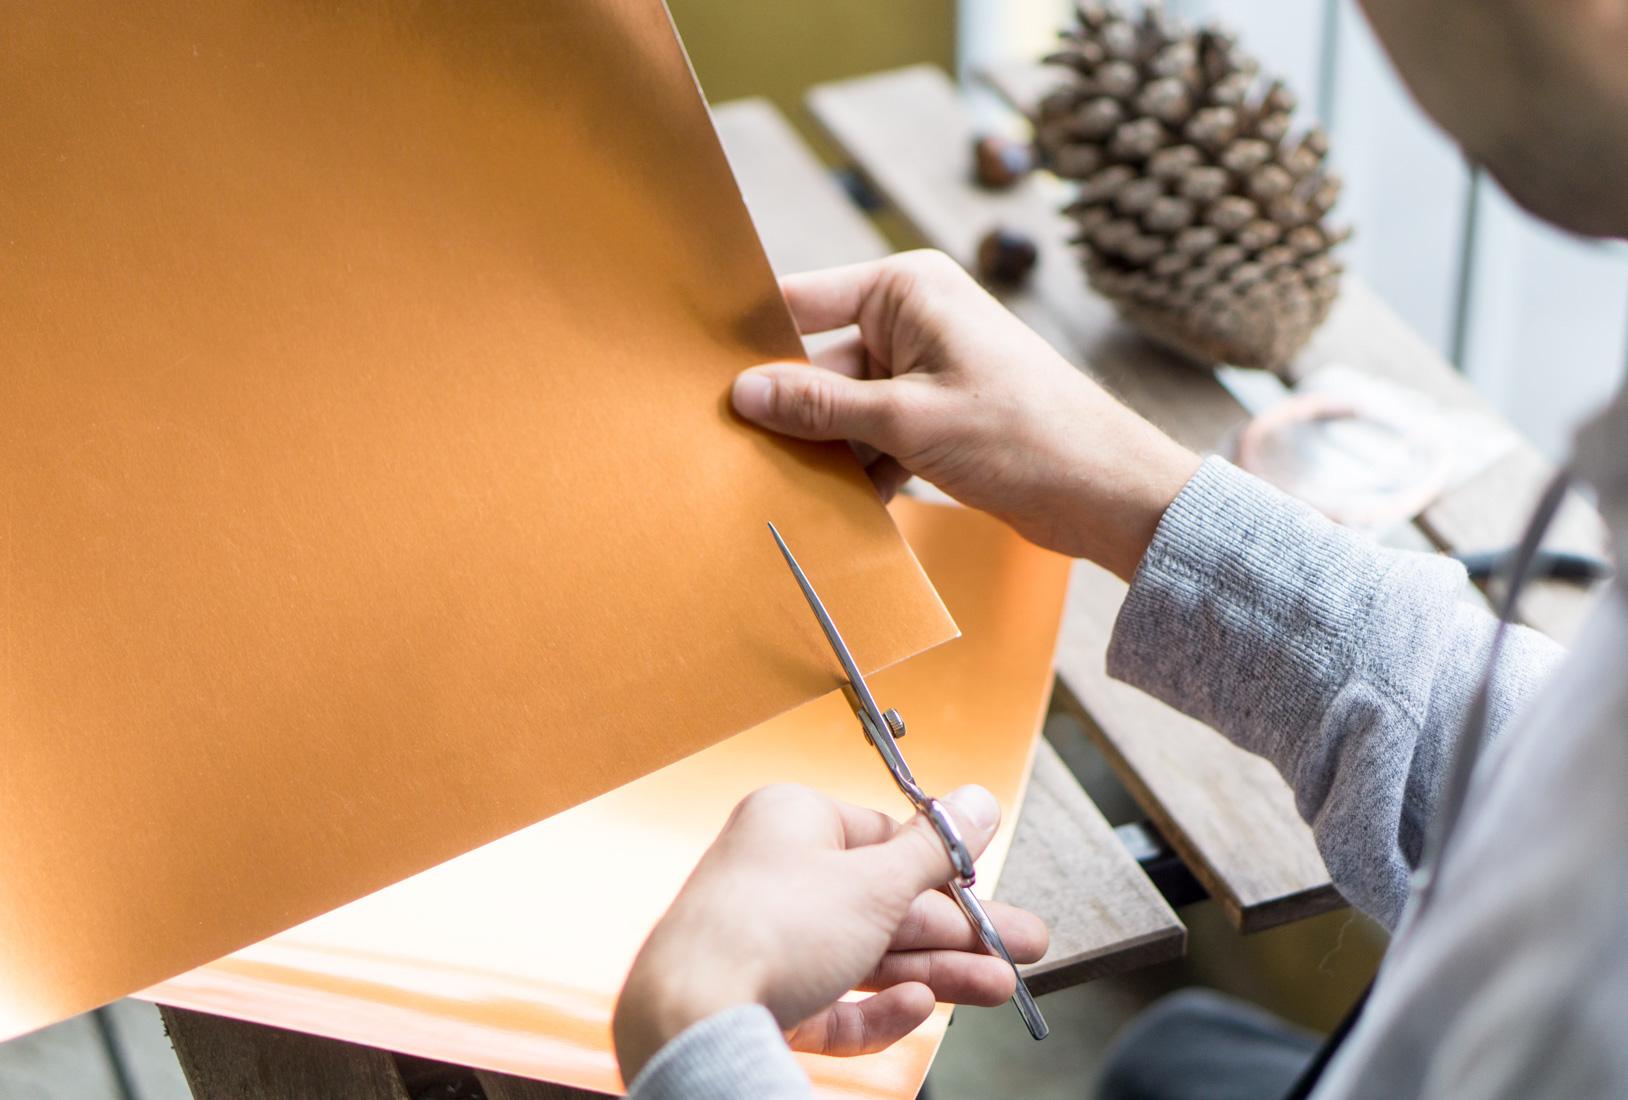 diy-marbre-cuivre-agenda-article-blog-oberthur-lifestyle-papeterie-rennes